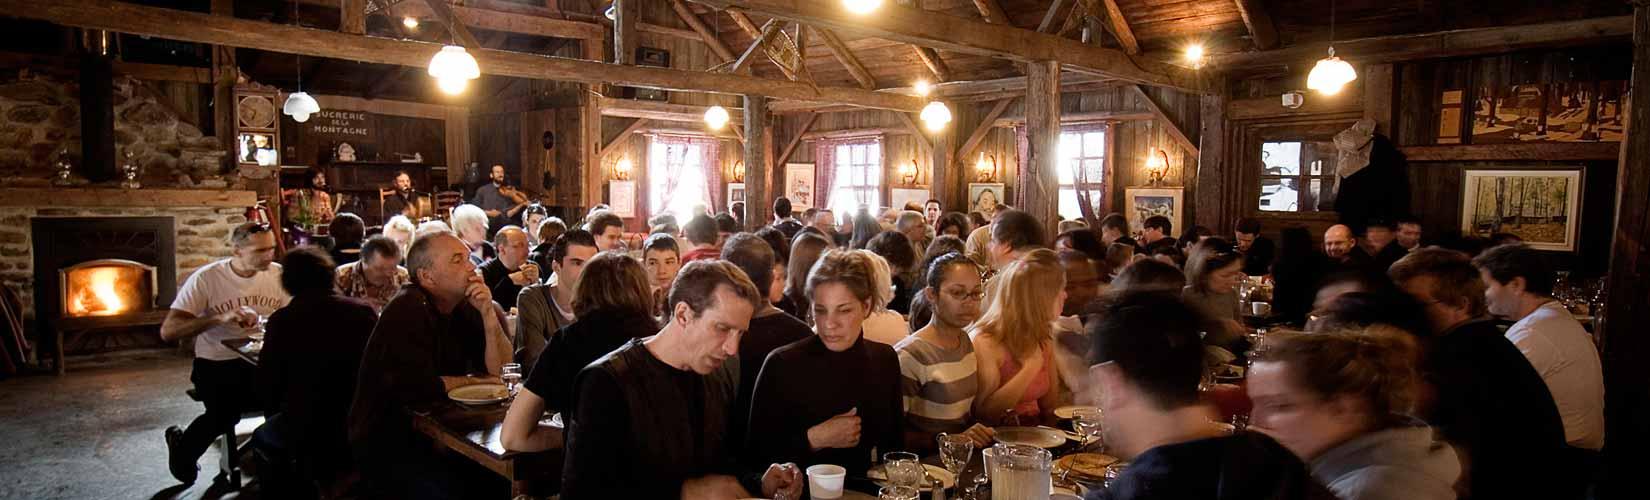 Dix choses à savoir sur le sirop d'érable au Québec